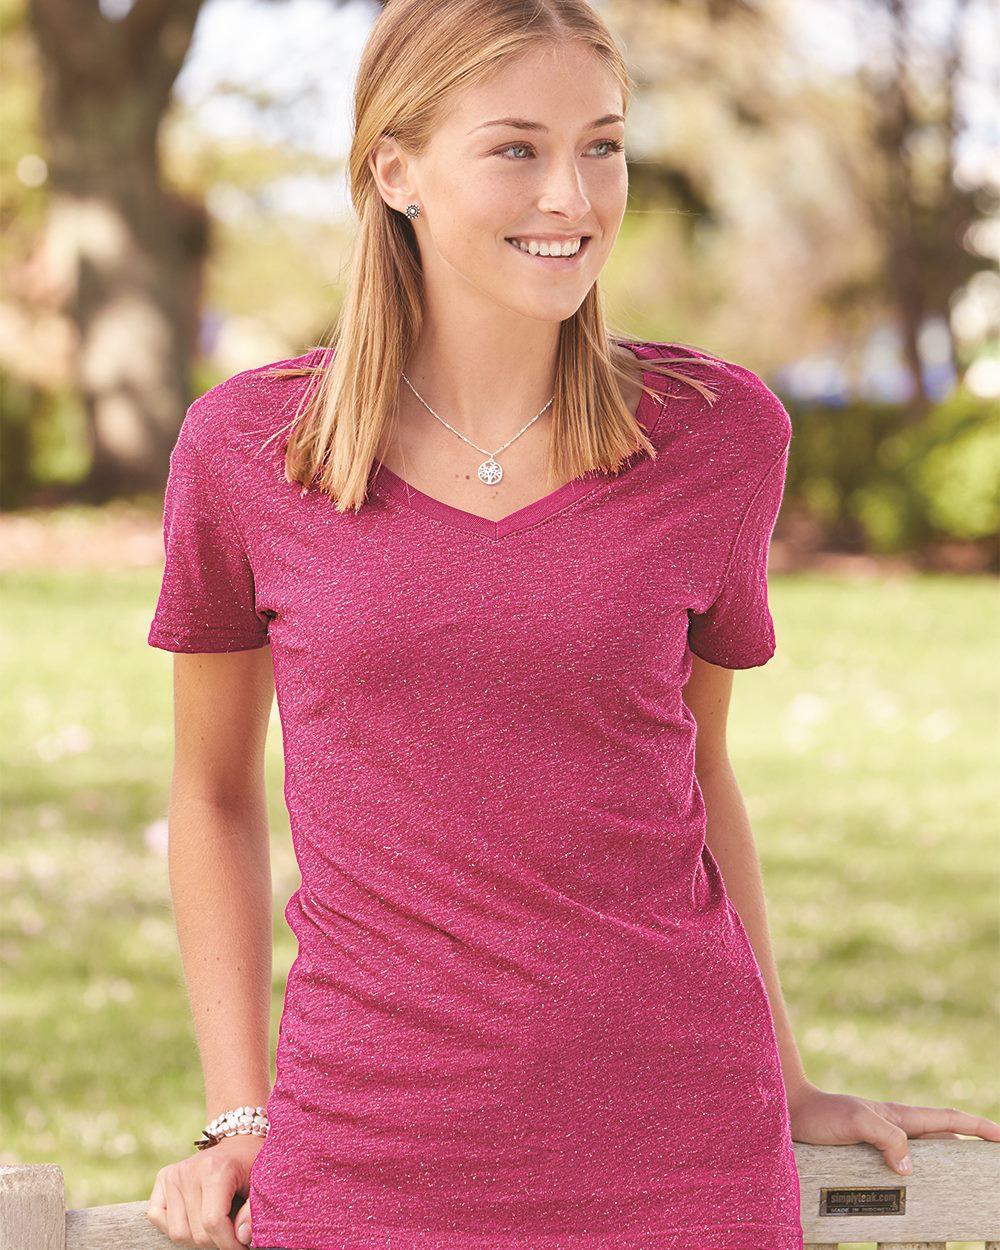 J. America 8136 - Women's Glitter V-Neck T-Shirt